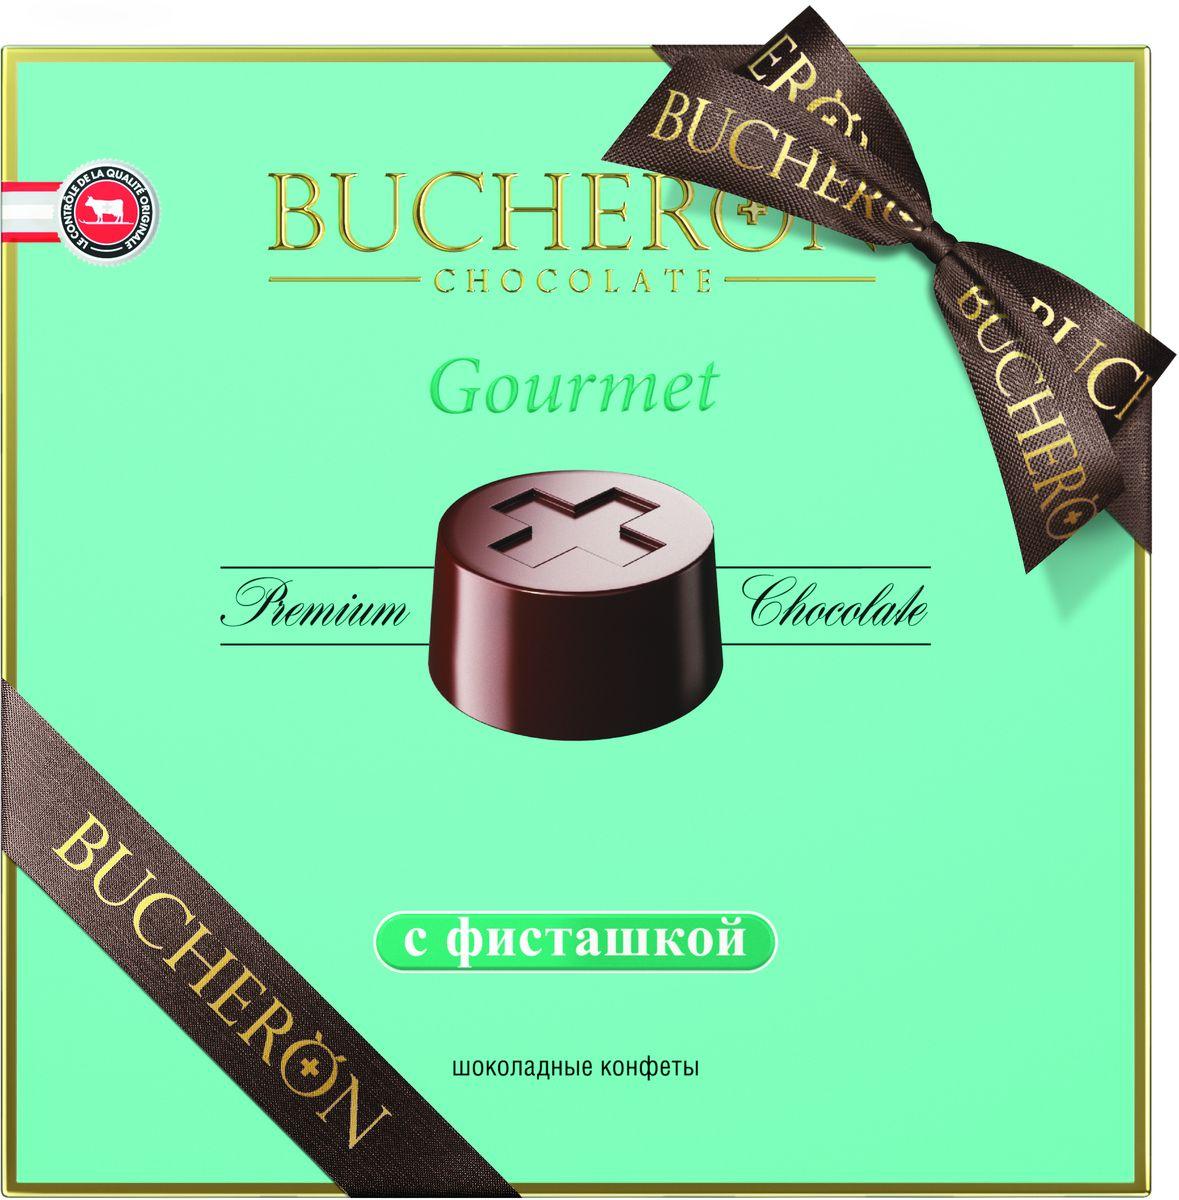 Bucheron Gourmet конфеты с фисташкой, 180 г шоколеди тайна искушения конфеты шоколадные 195 г